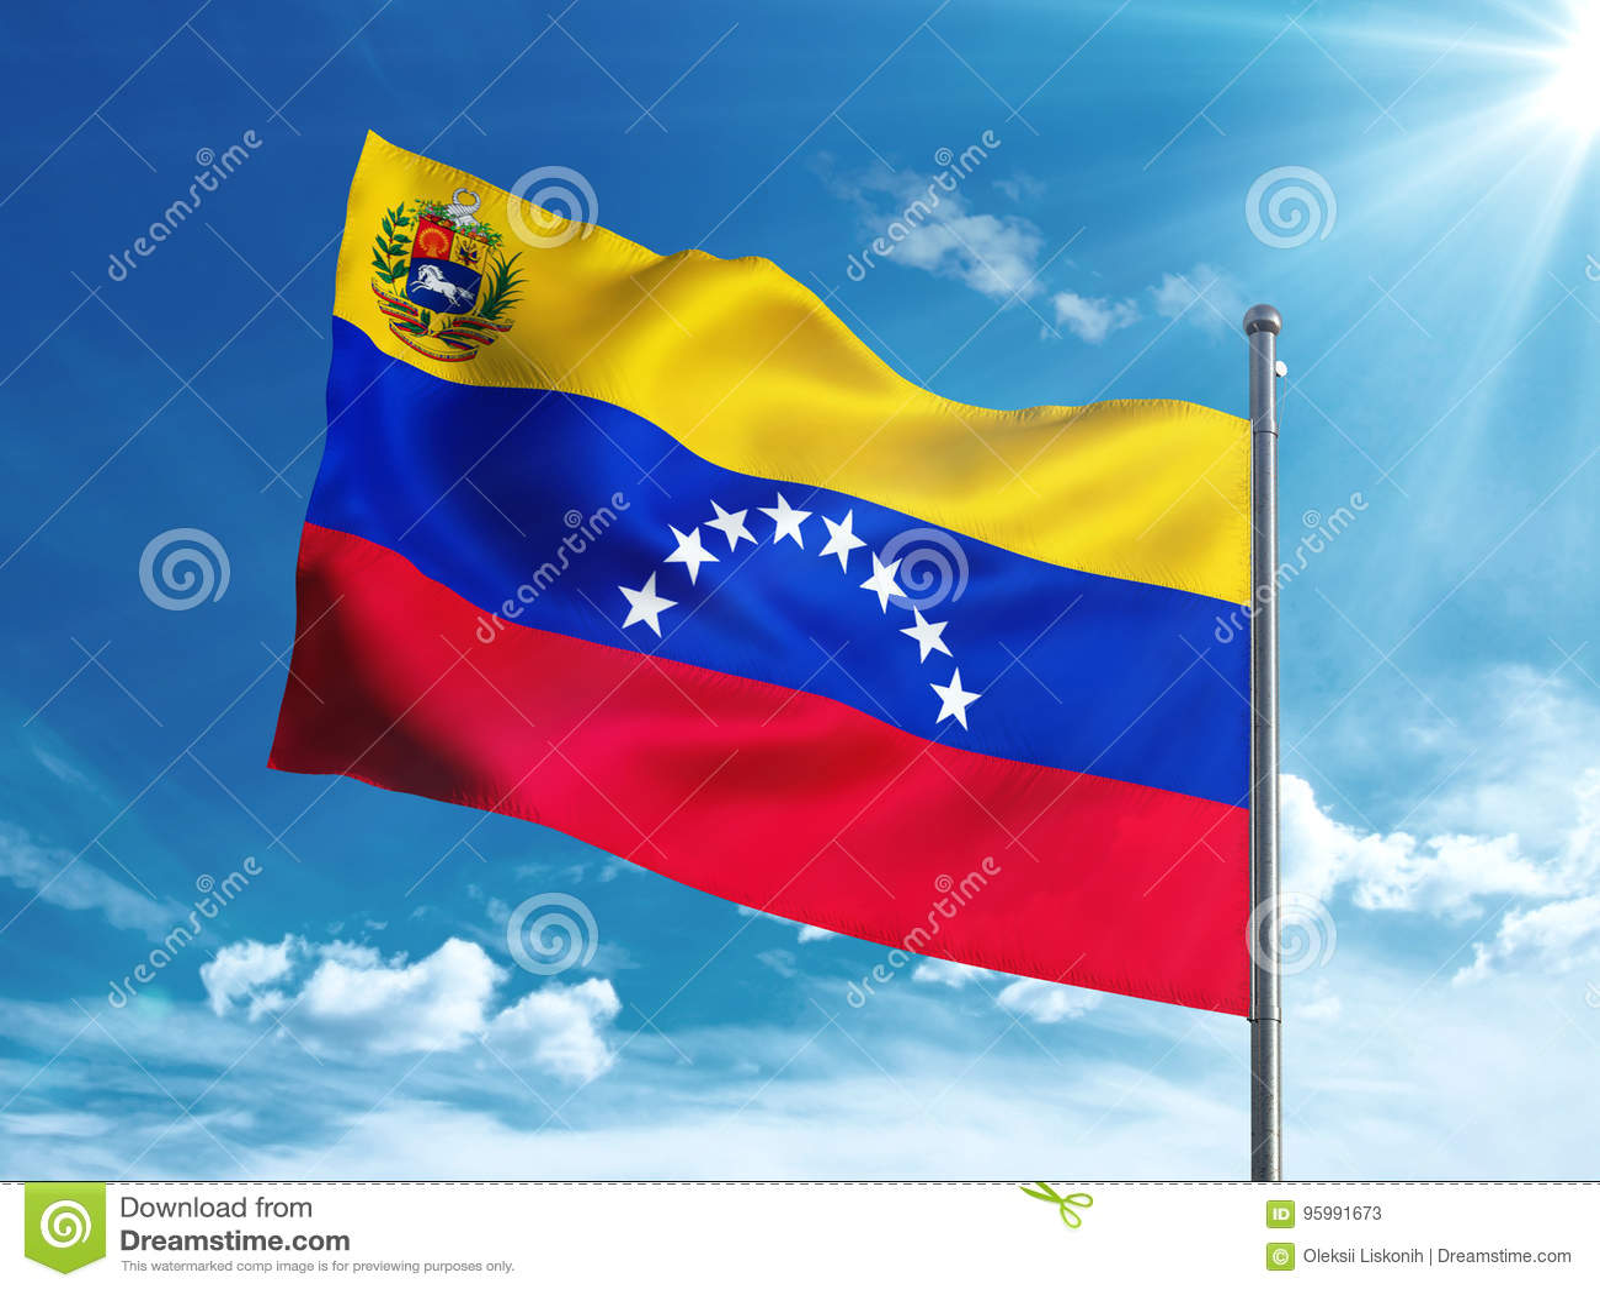 que representa el color azul en la bandera de venezuela